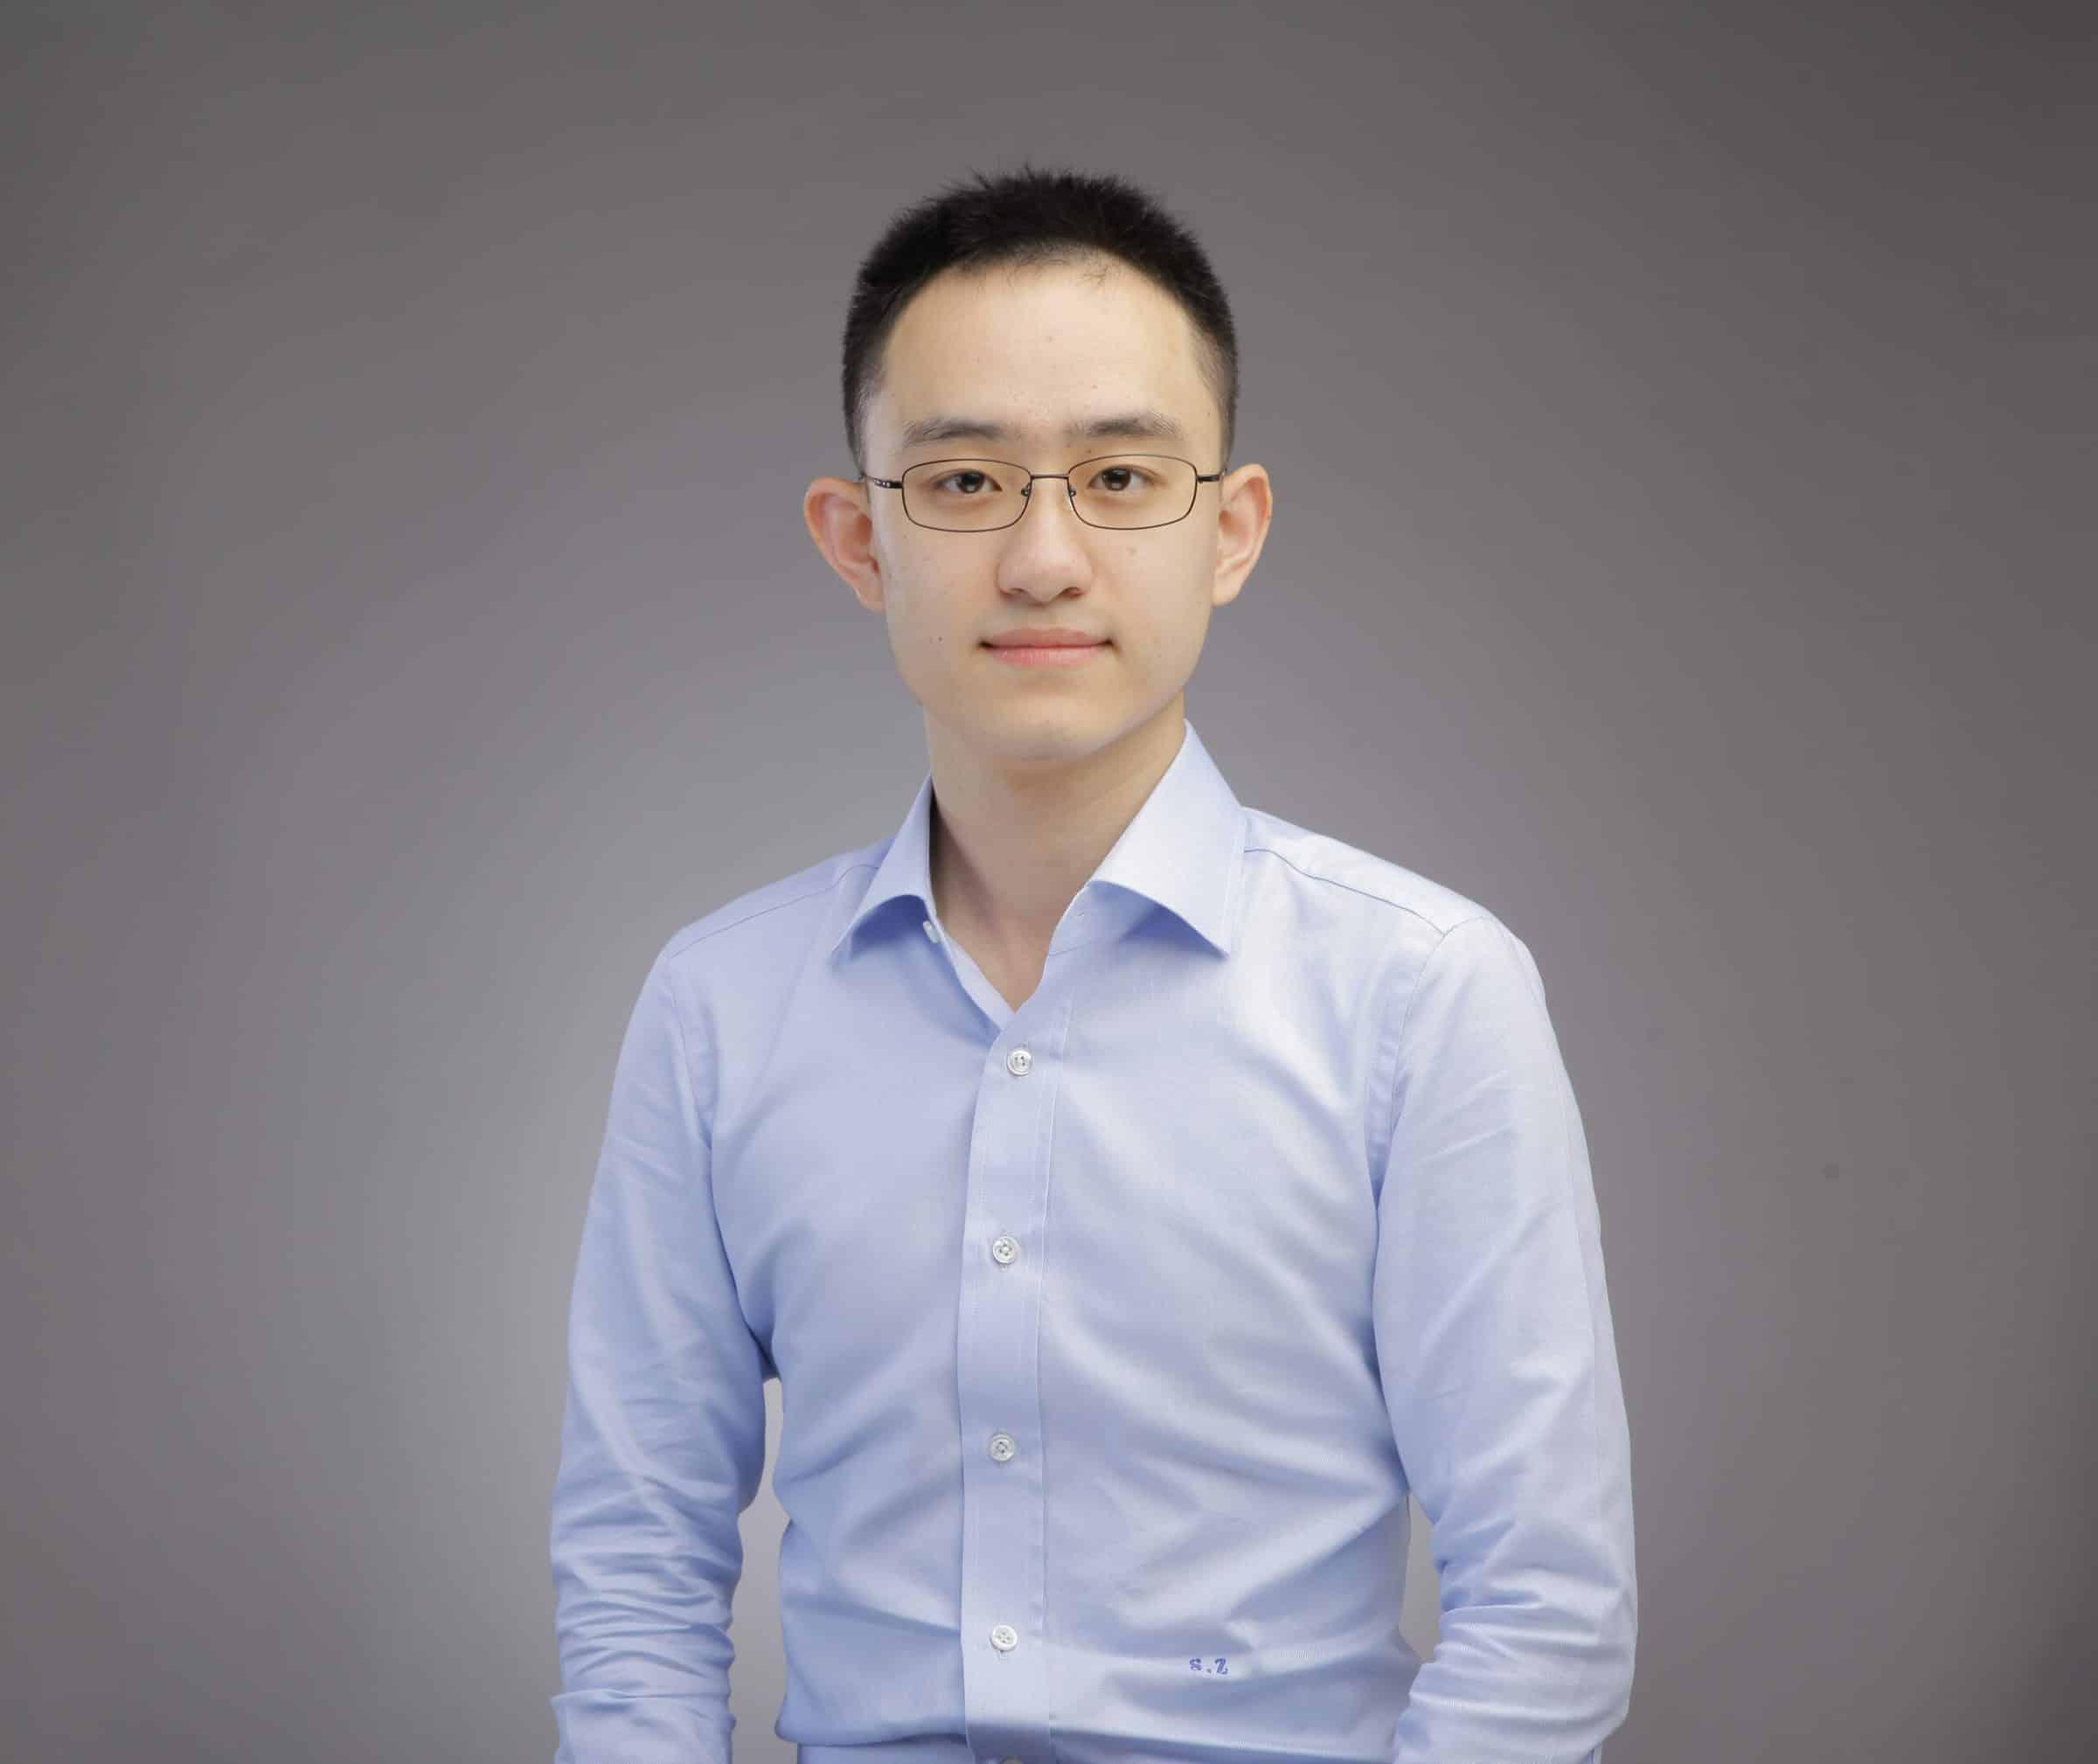 Shen (Michael) Zheng